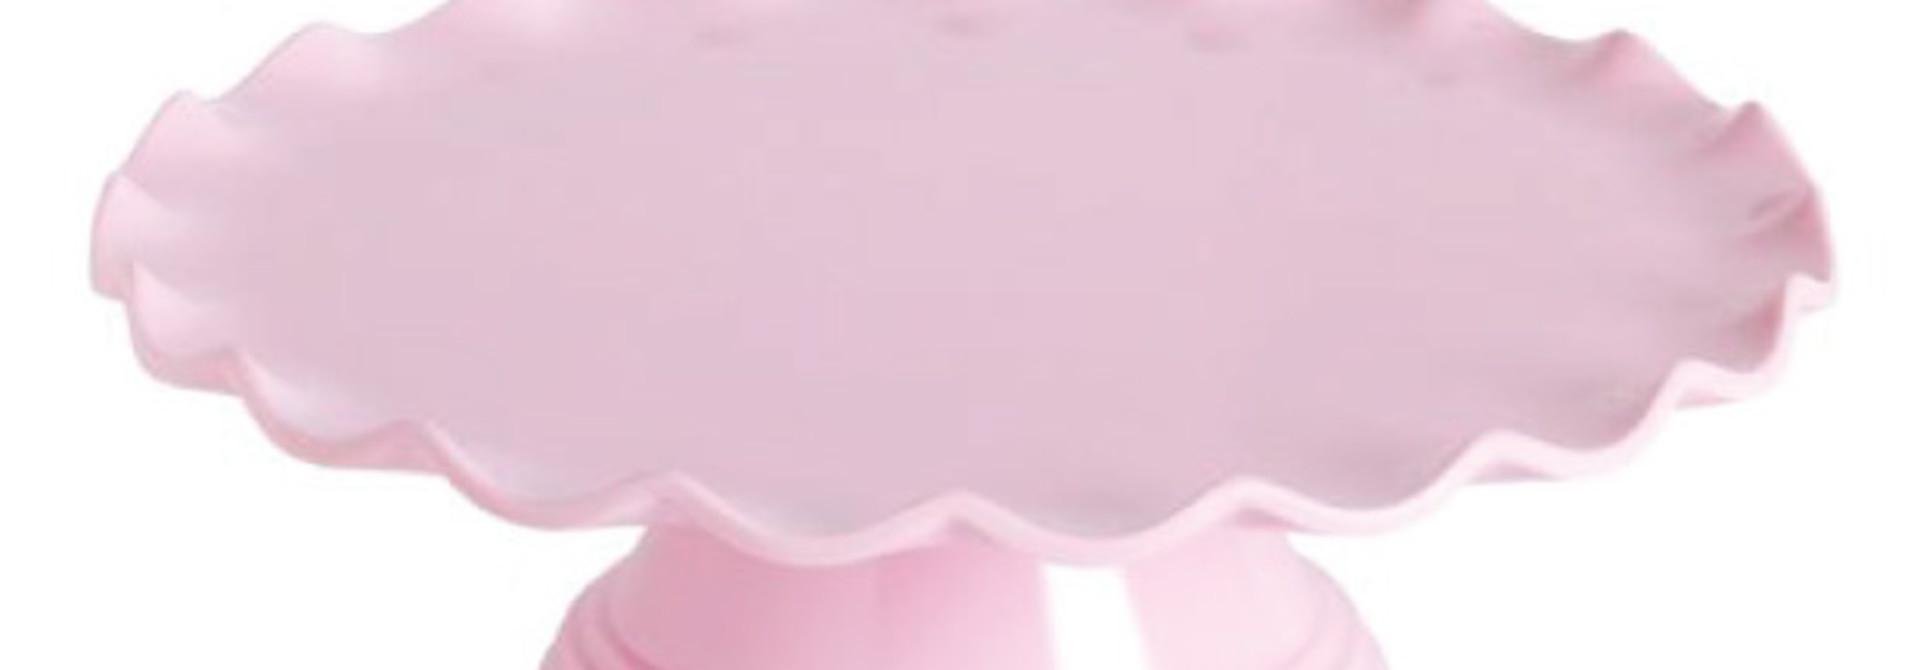 Taartplateau golfjes roze A Little Lovely Company